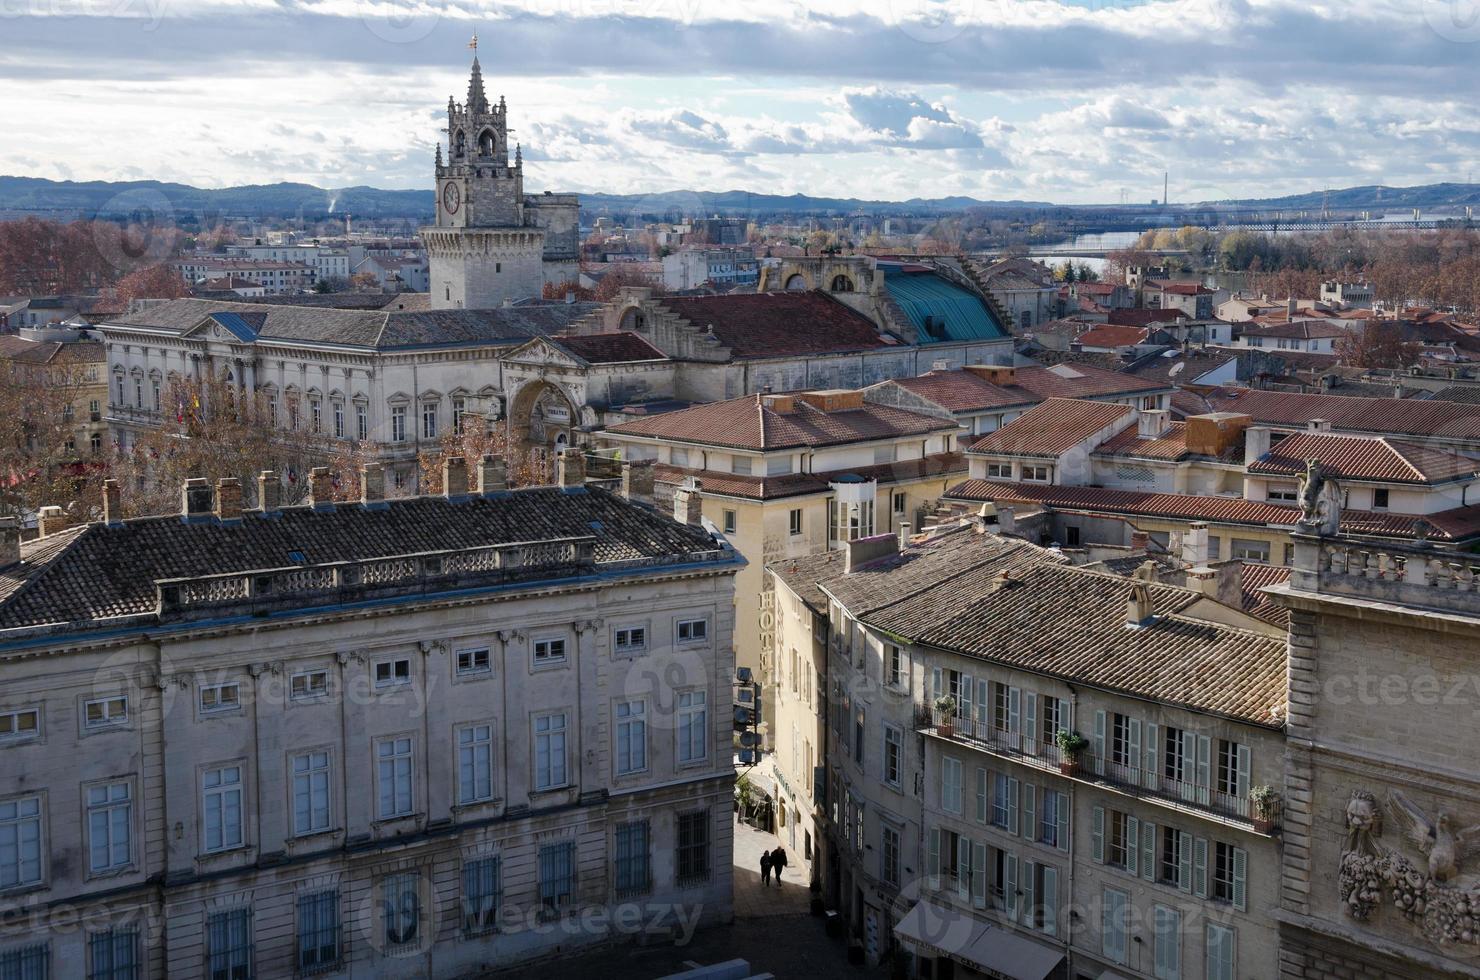 centro storico di avignone sotto il cielo velato foto